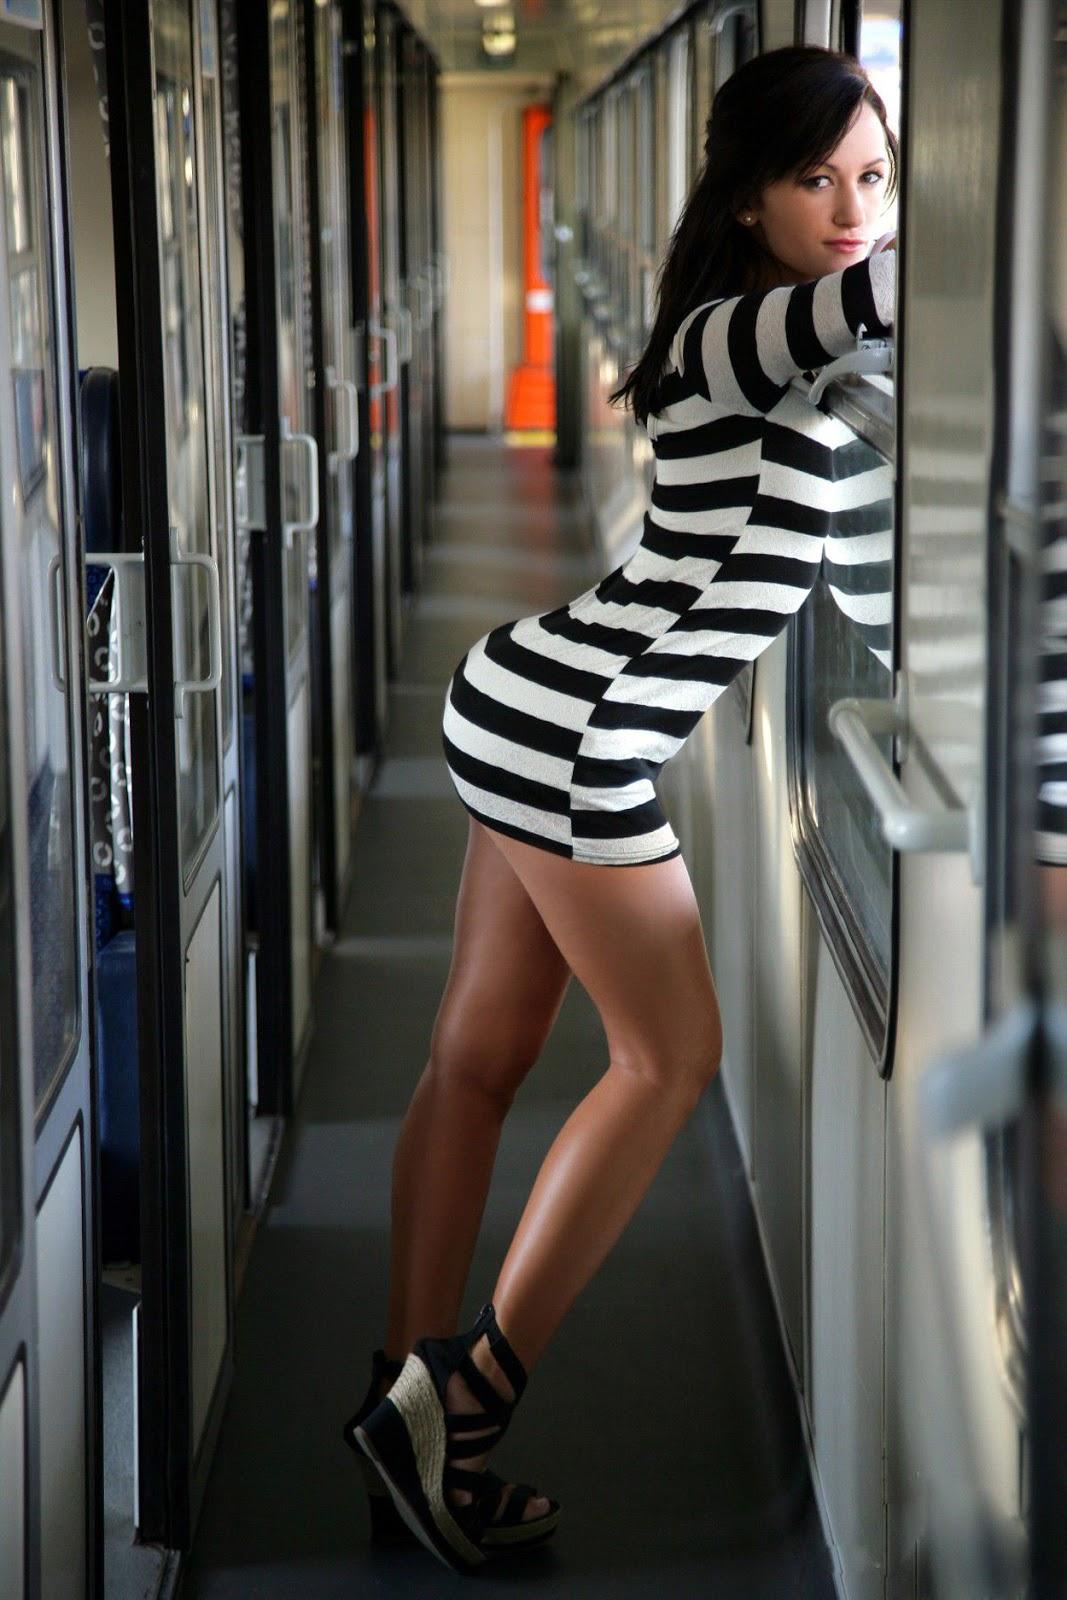 Фото девушек с огромными попами в облегающих коротких юбках 16 фотография